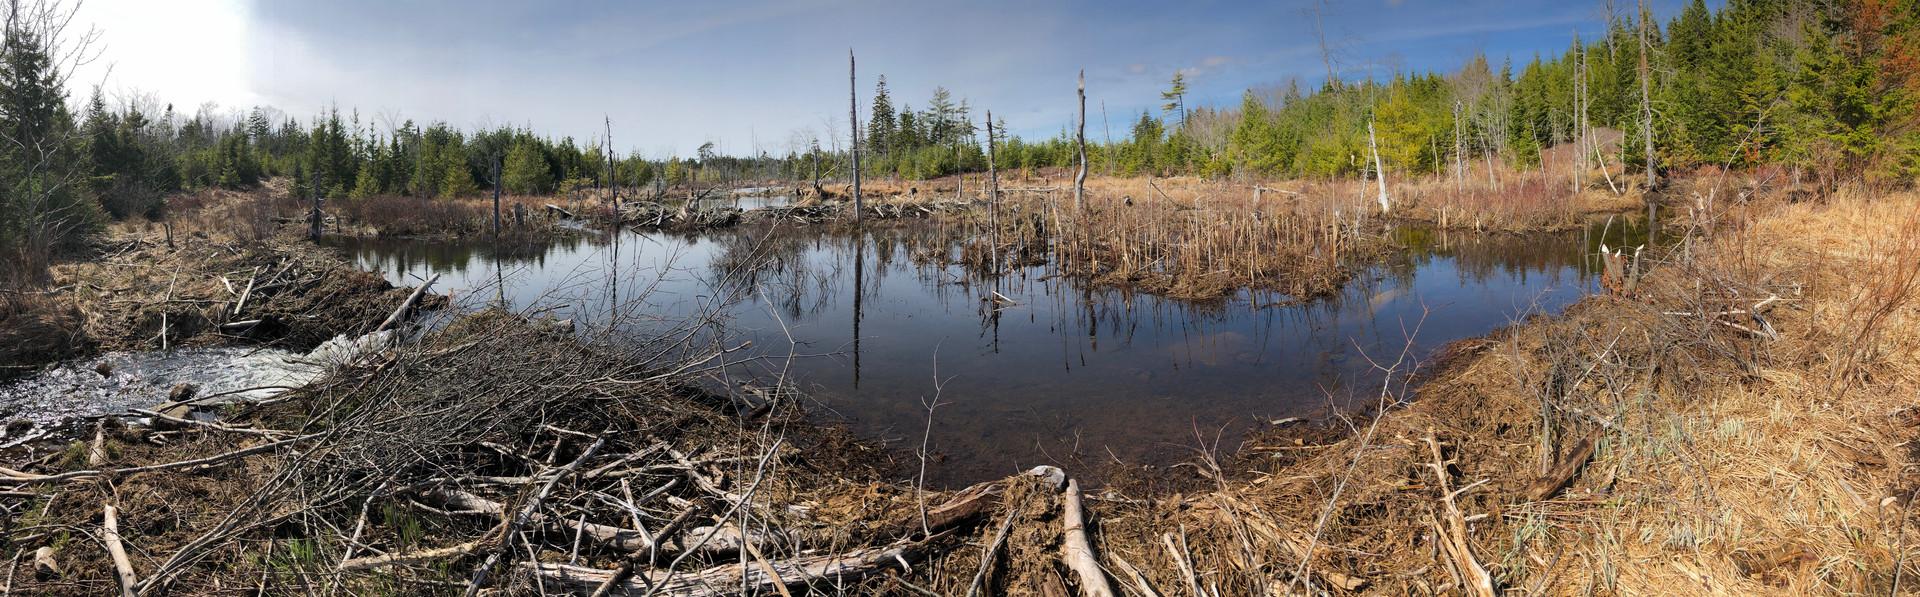 Barret Lands, R.Vinson